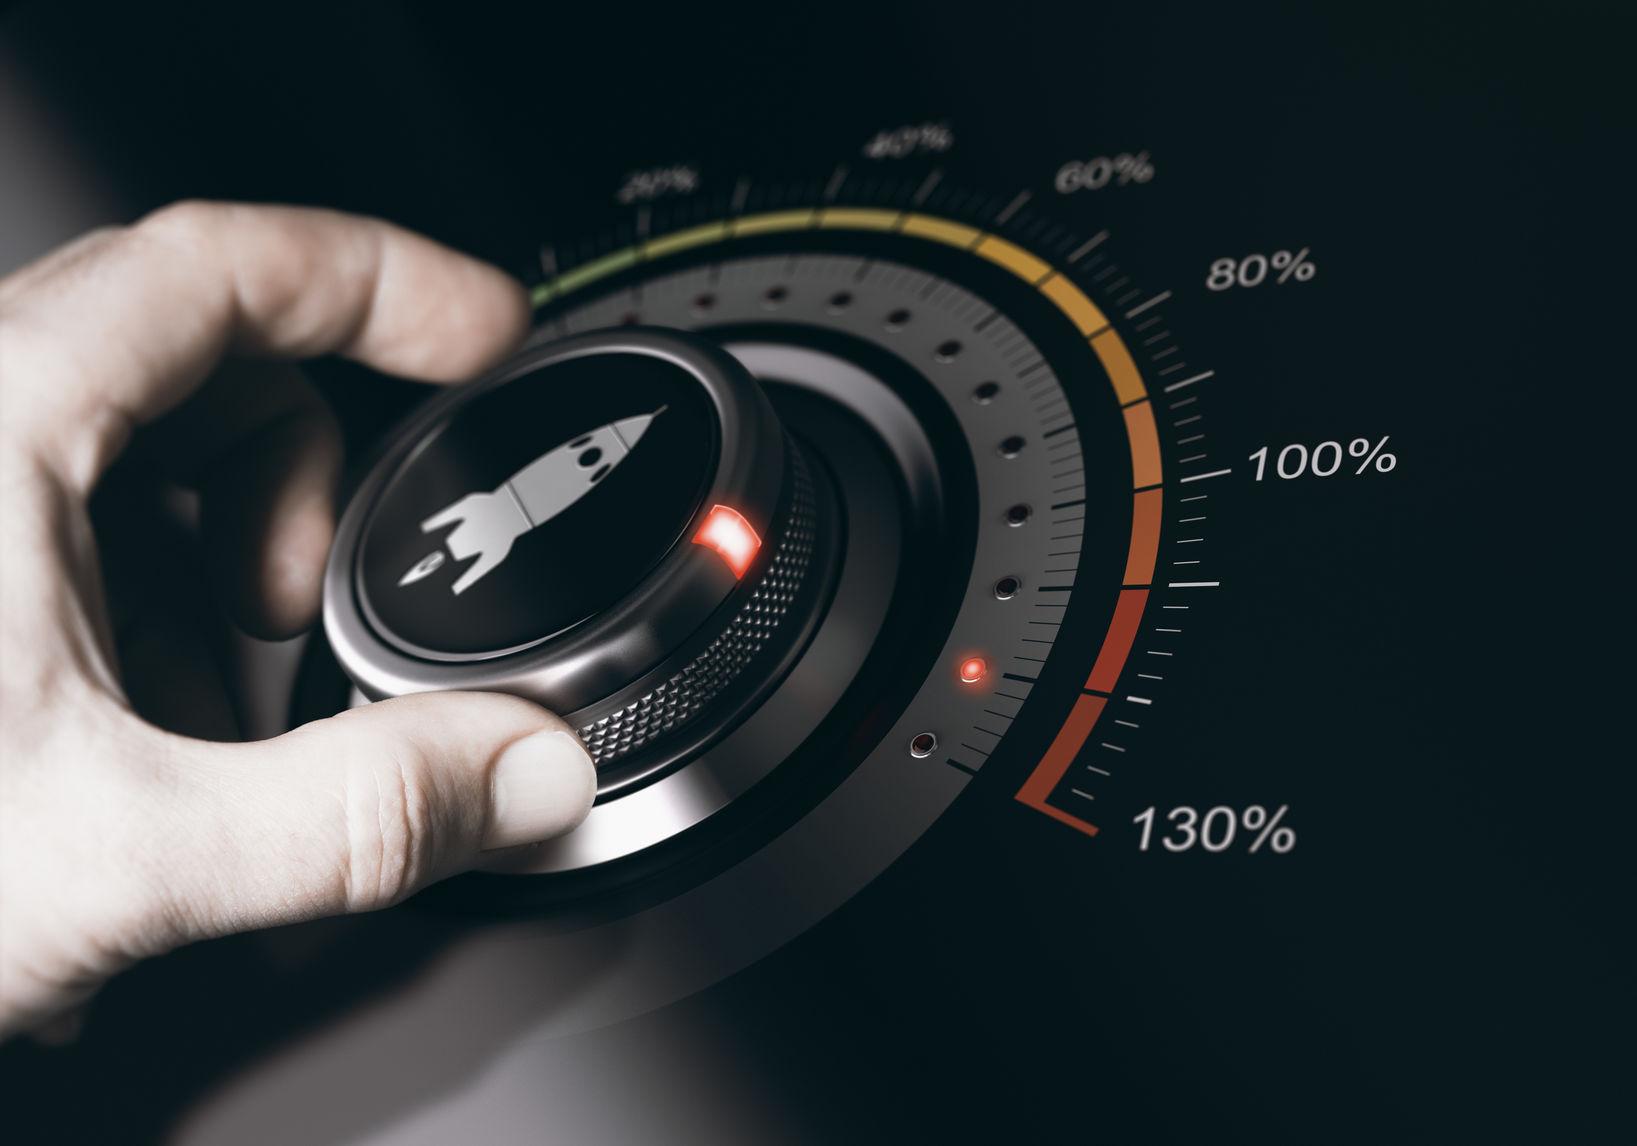 19家提交科创板注册企业预计2019年净利润同比增长